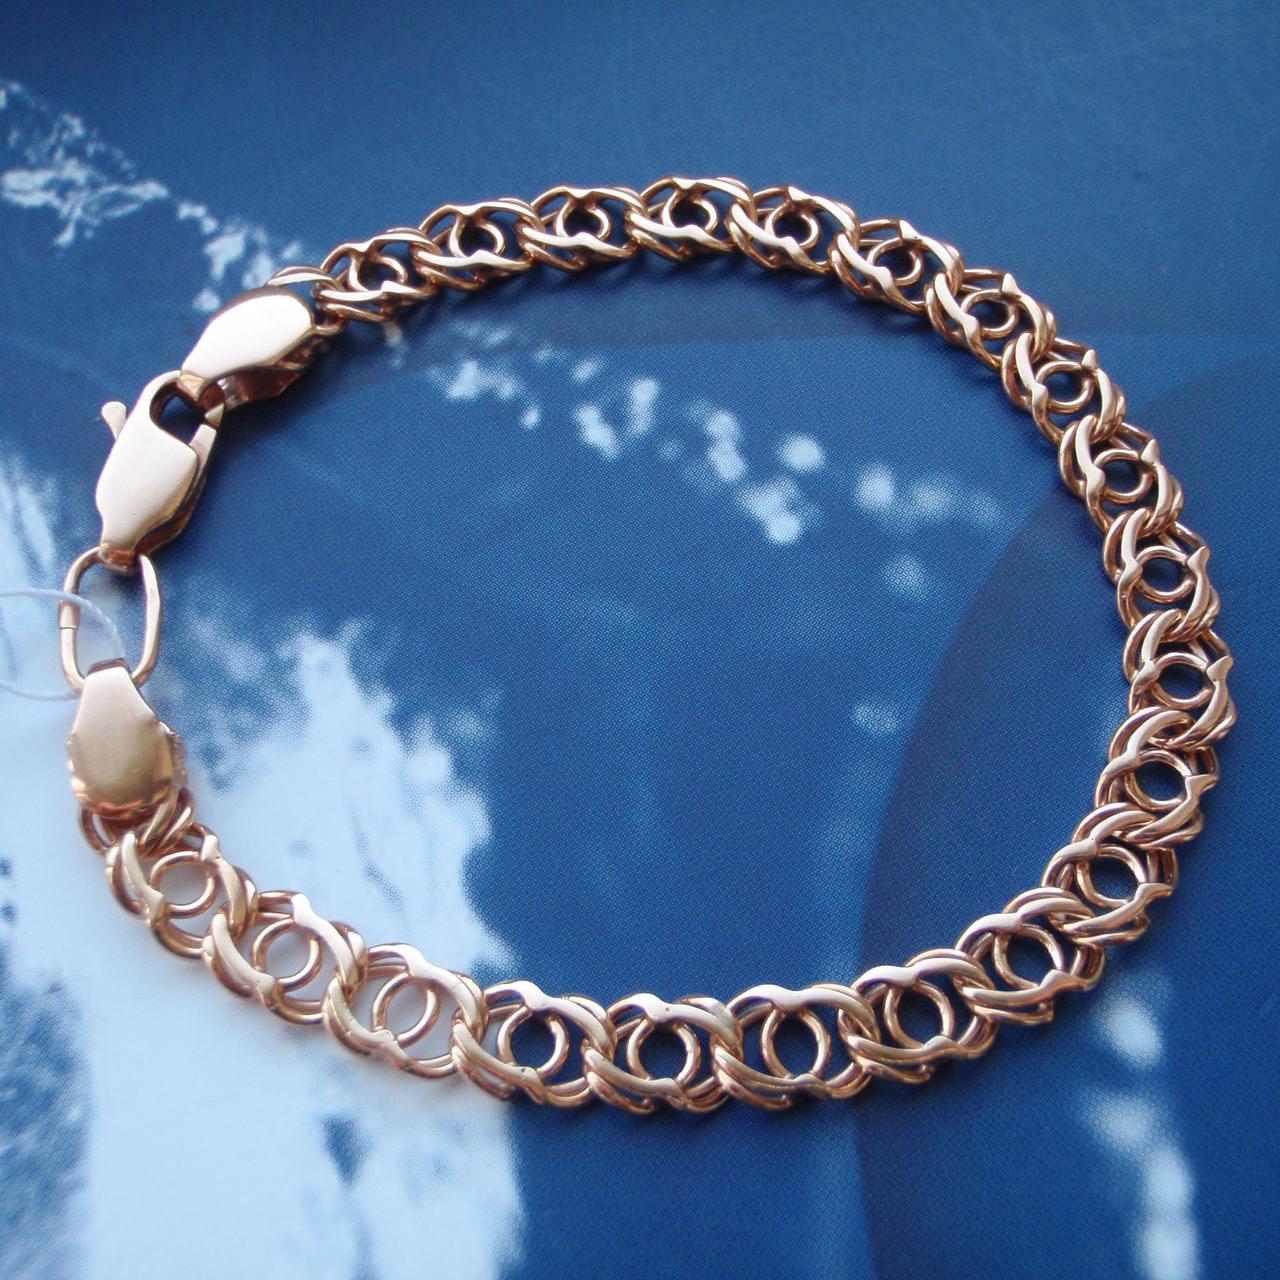 Серебряный позолоченный браслет, 200мм, 9 грамм, плетение Арабский бисмарк